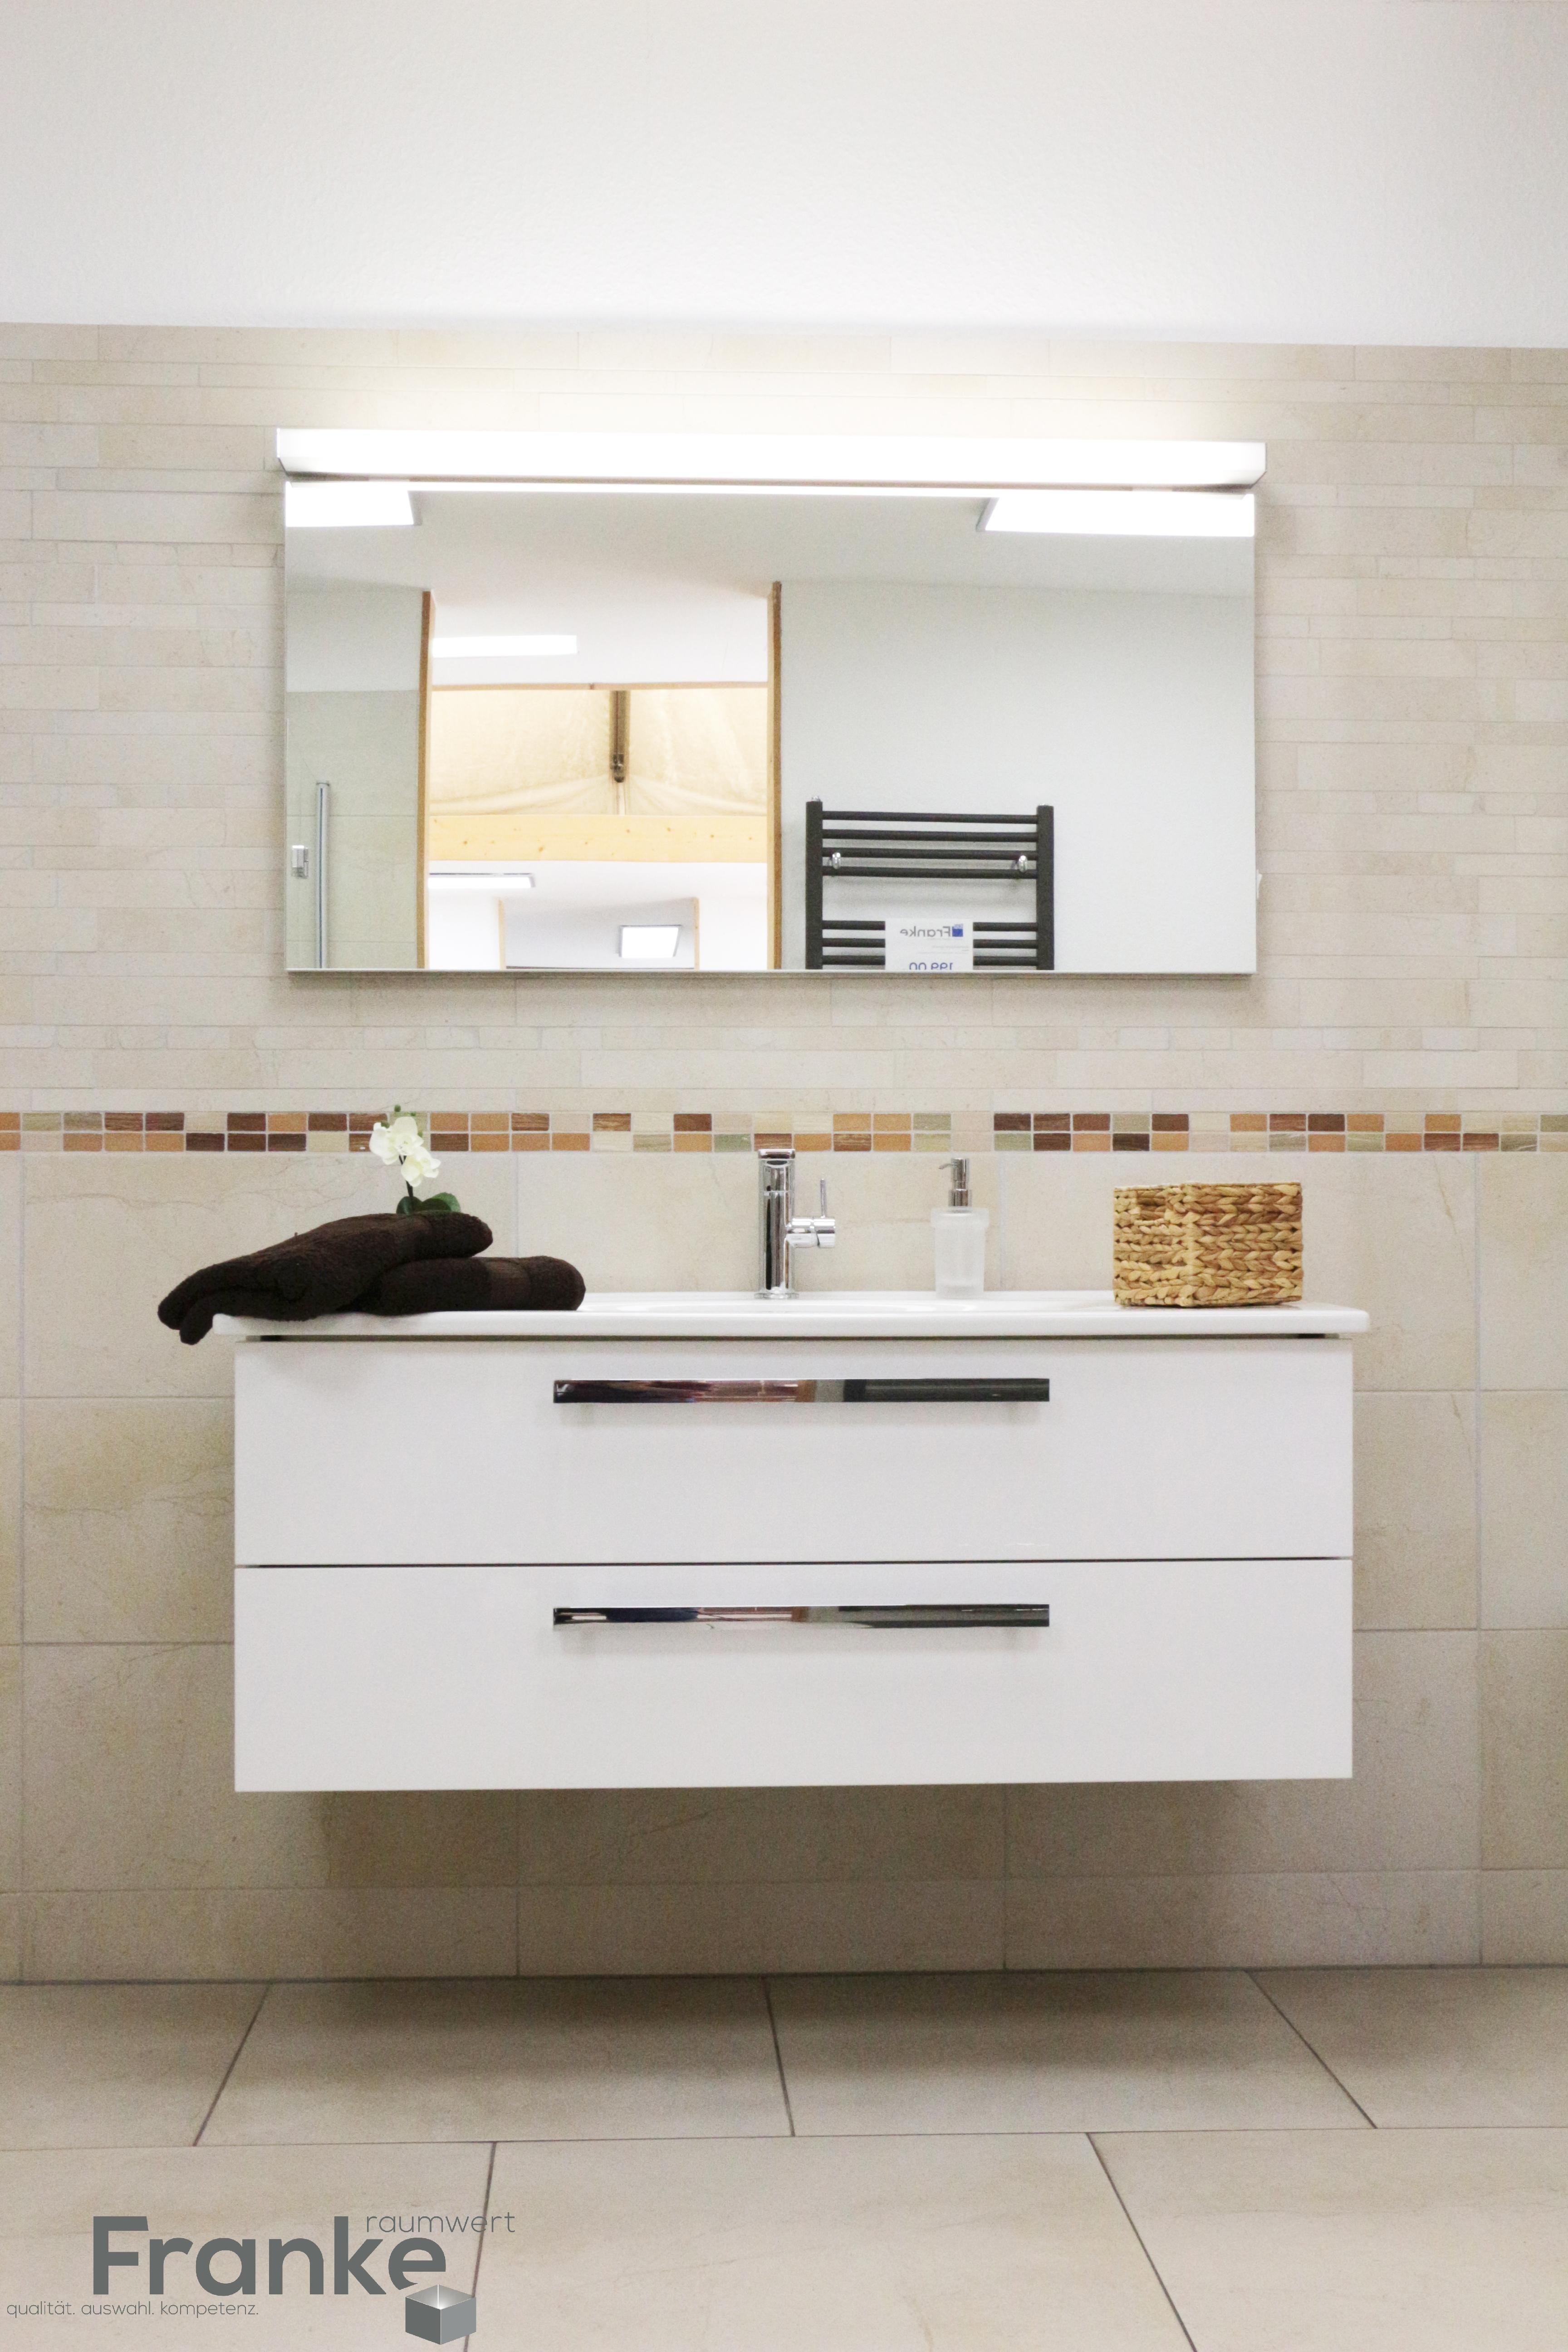 waschtischanlage mit zwei ausz gen bad badezimmer fliesen waschtisch waschbecken spiegel. Black Bedroom Furniture Sets. Home Design Ideas